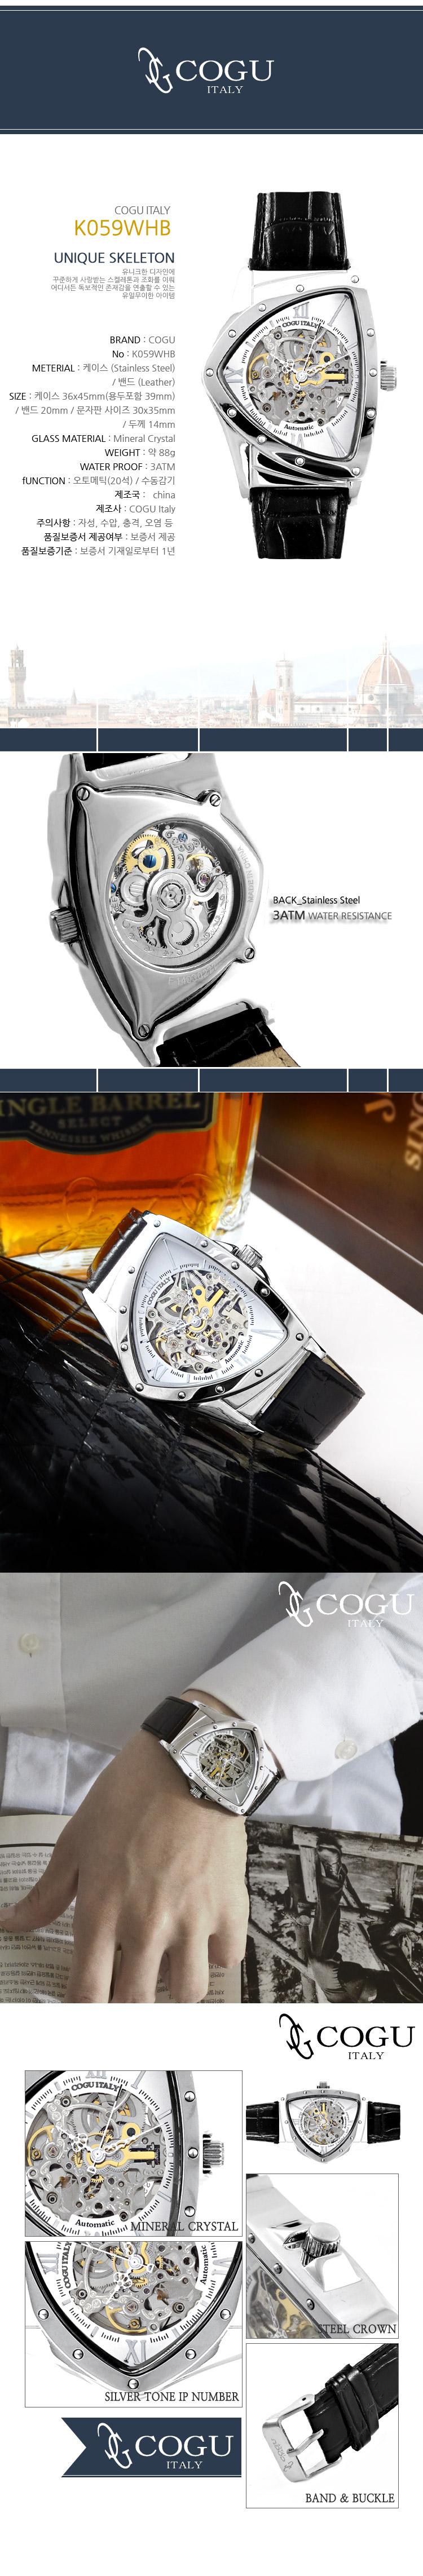 코구(COGU) K059WHB 남성 오토매틱 가죽 손목시계